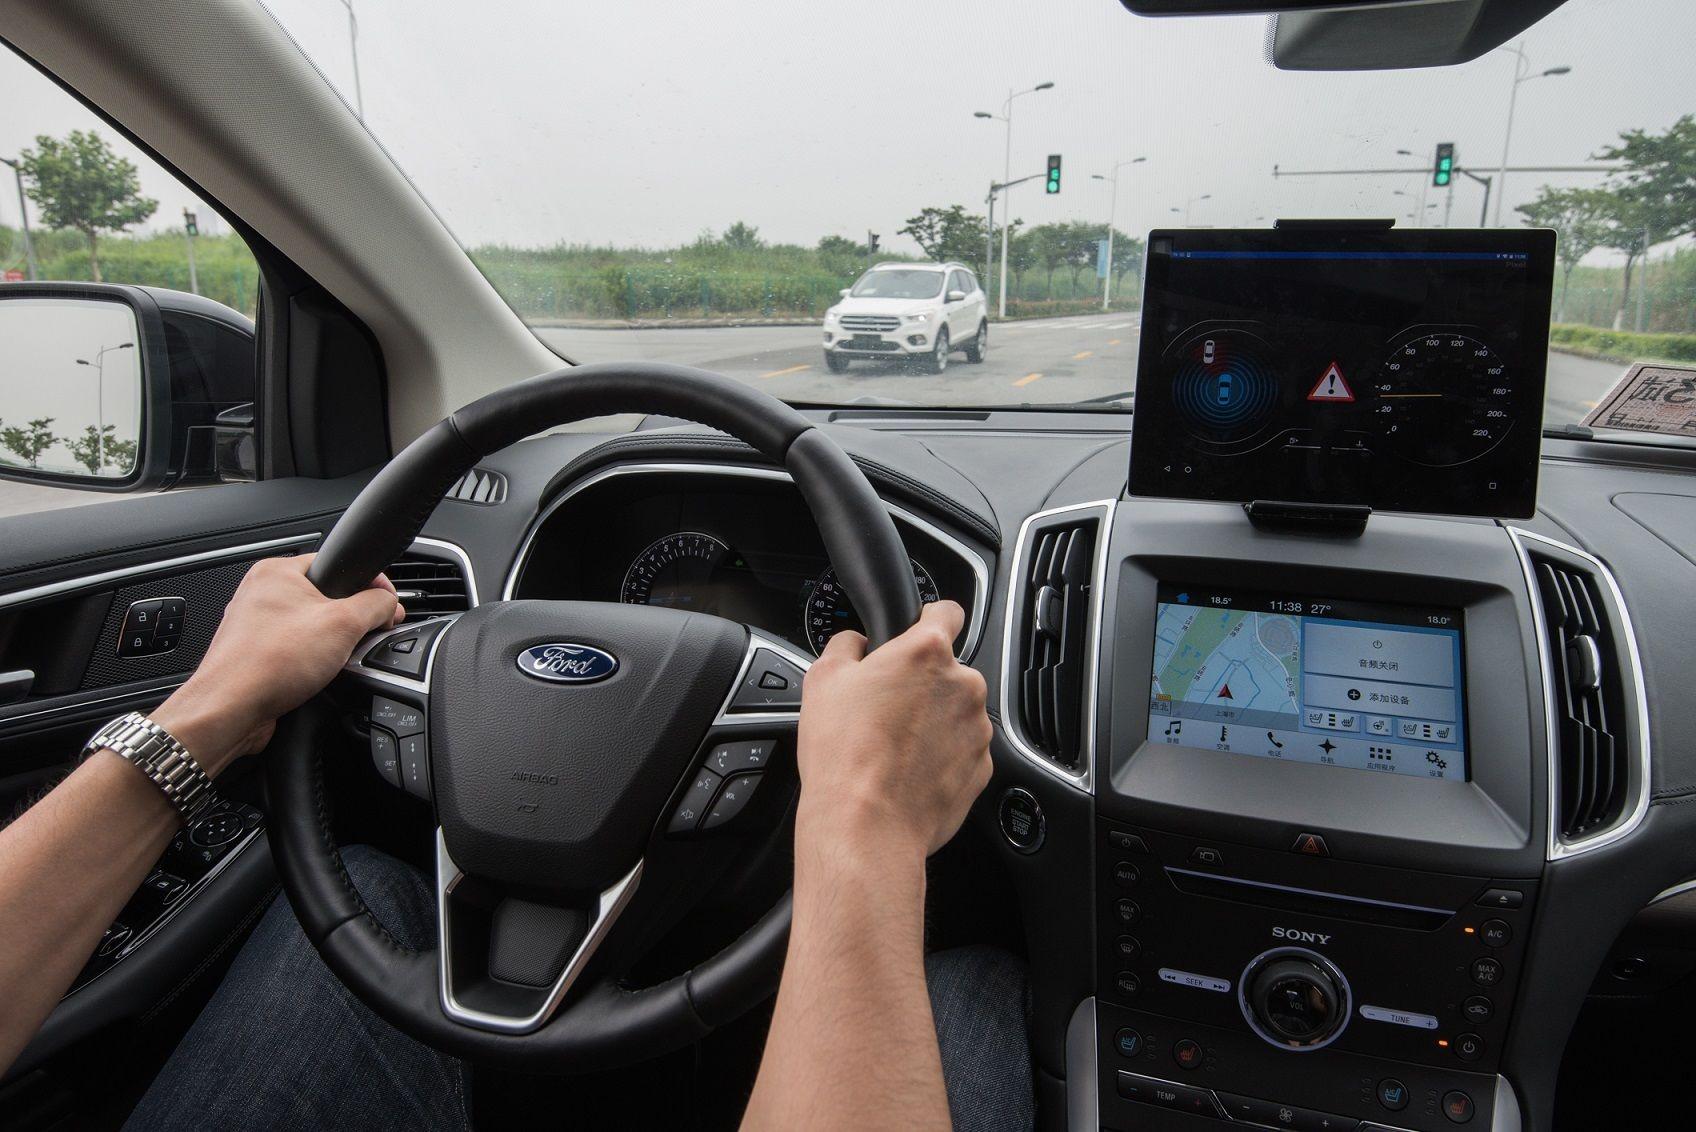 福特汽车V2X车联技术实现车与公共基础设施、以及其它车辆的互联.jpg